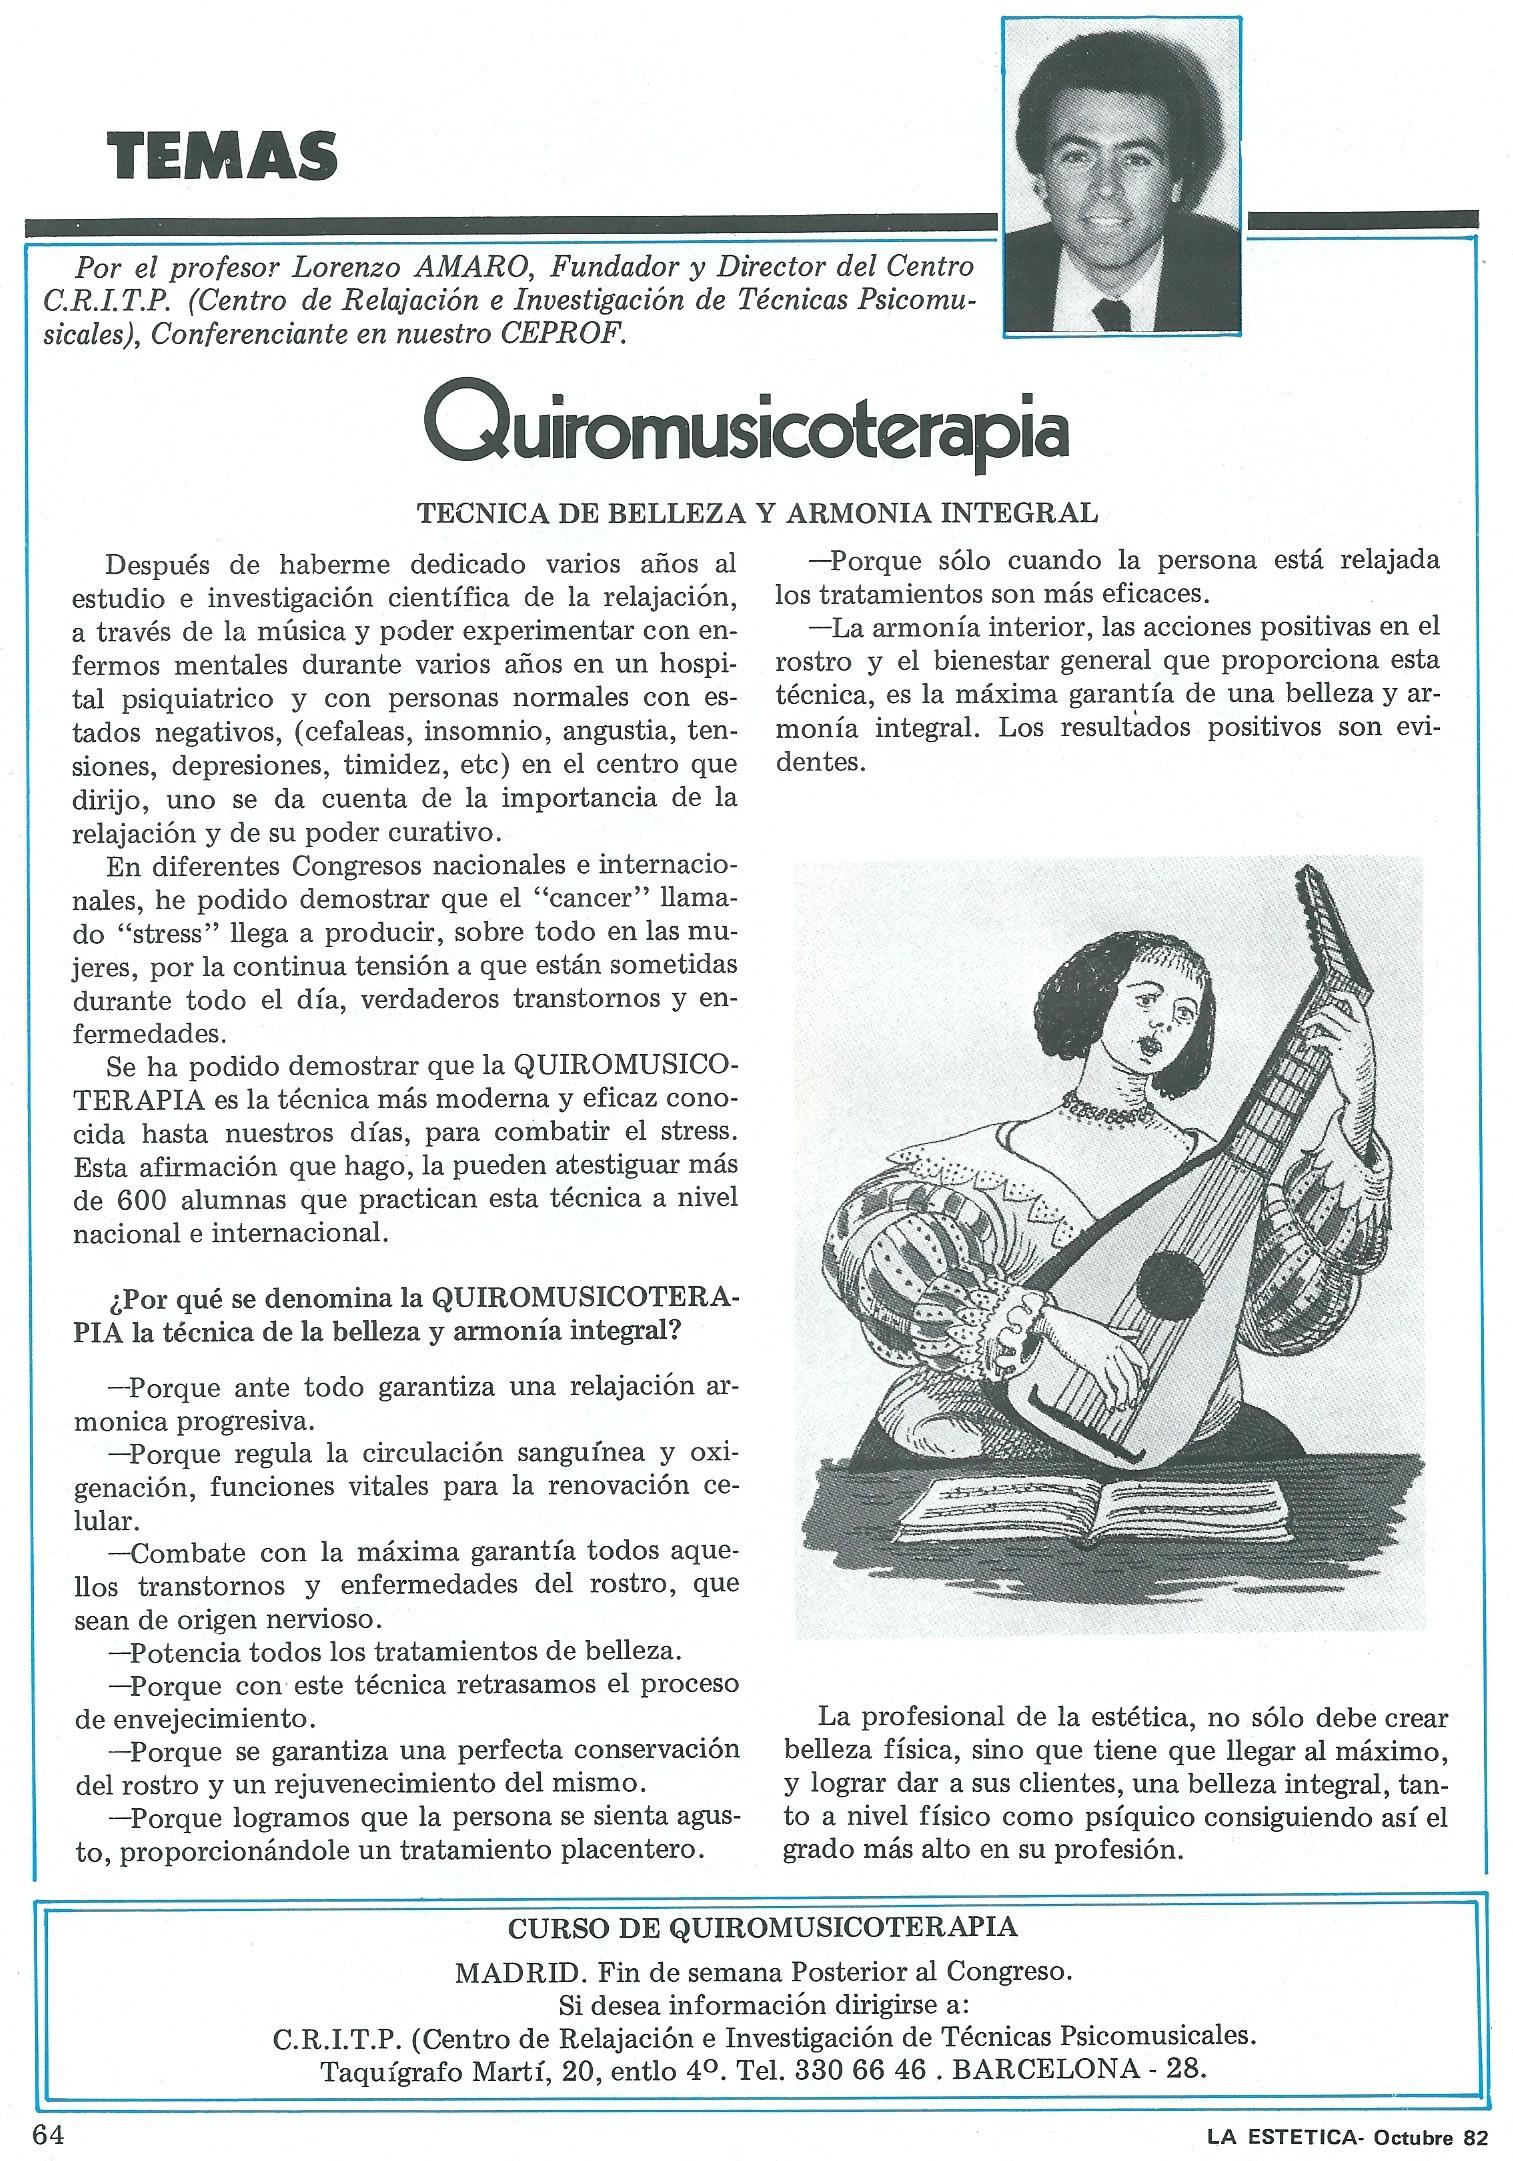 Quiromusicoterapia